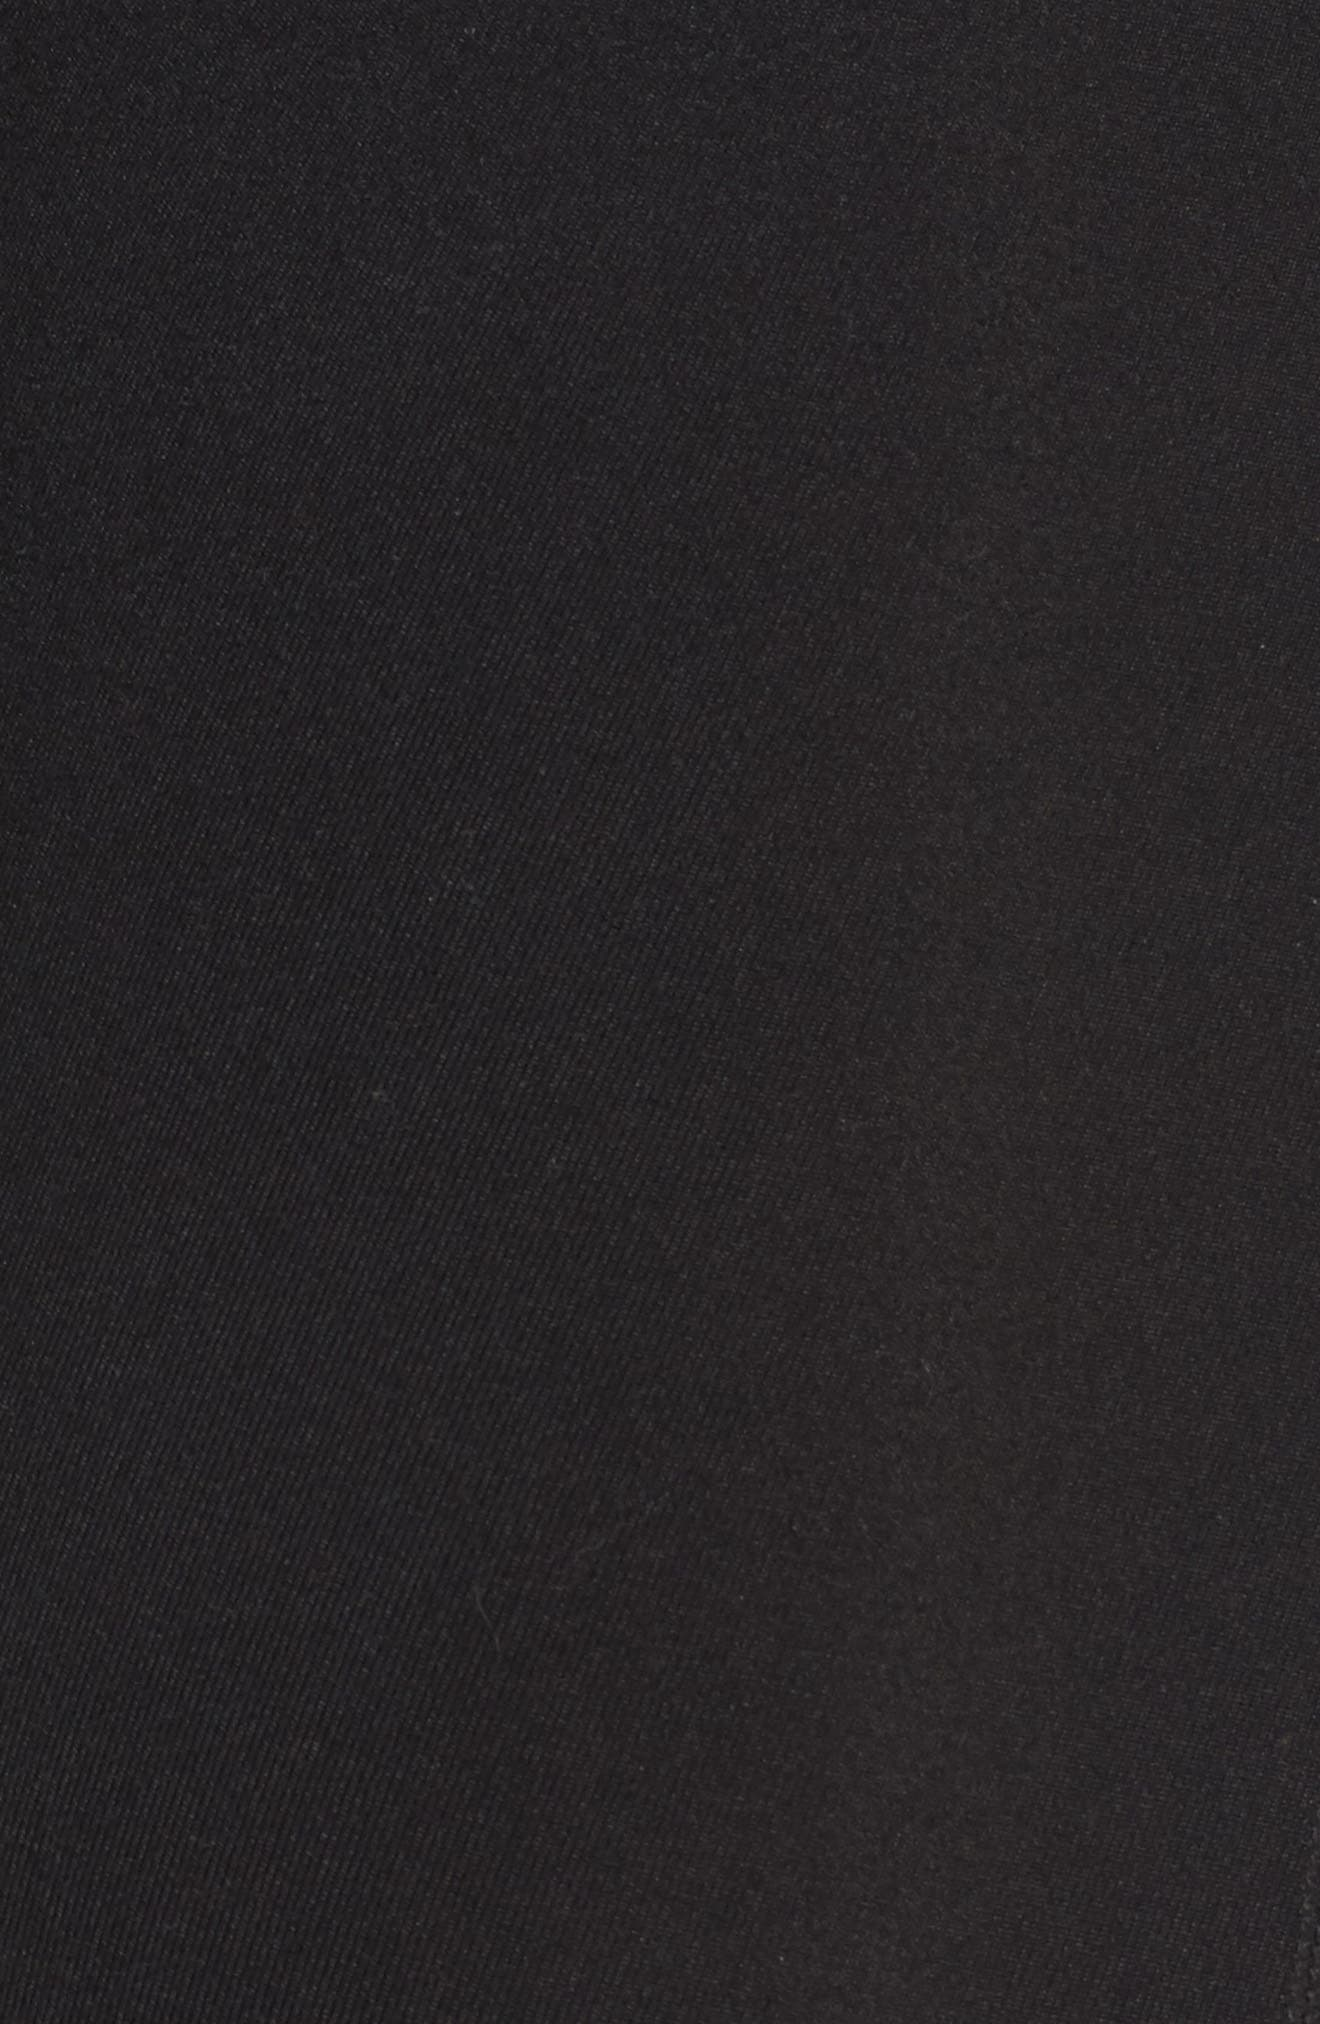 Moonlight High Waist Midi Leggings,                             Alternate thumbnail 5, color,                             Black